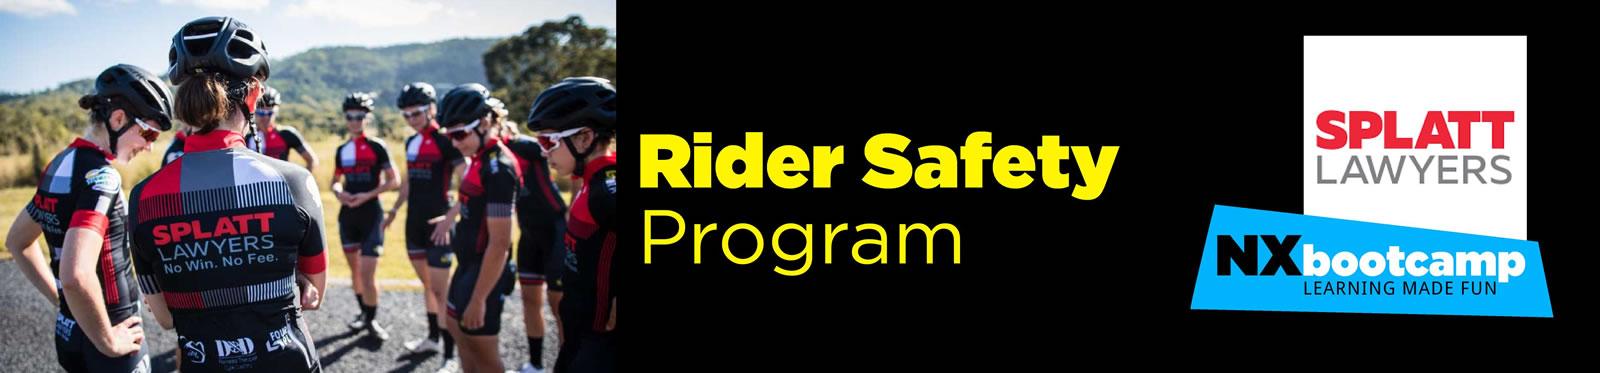 Splatt Lawyers Rider Safety Program